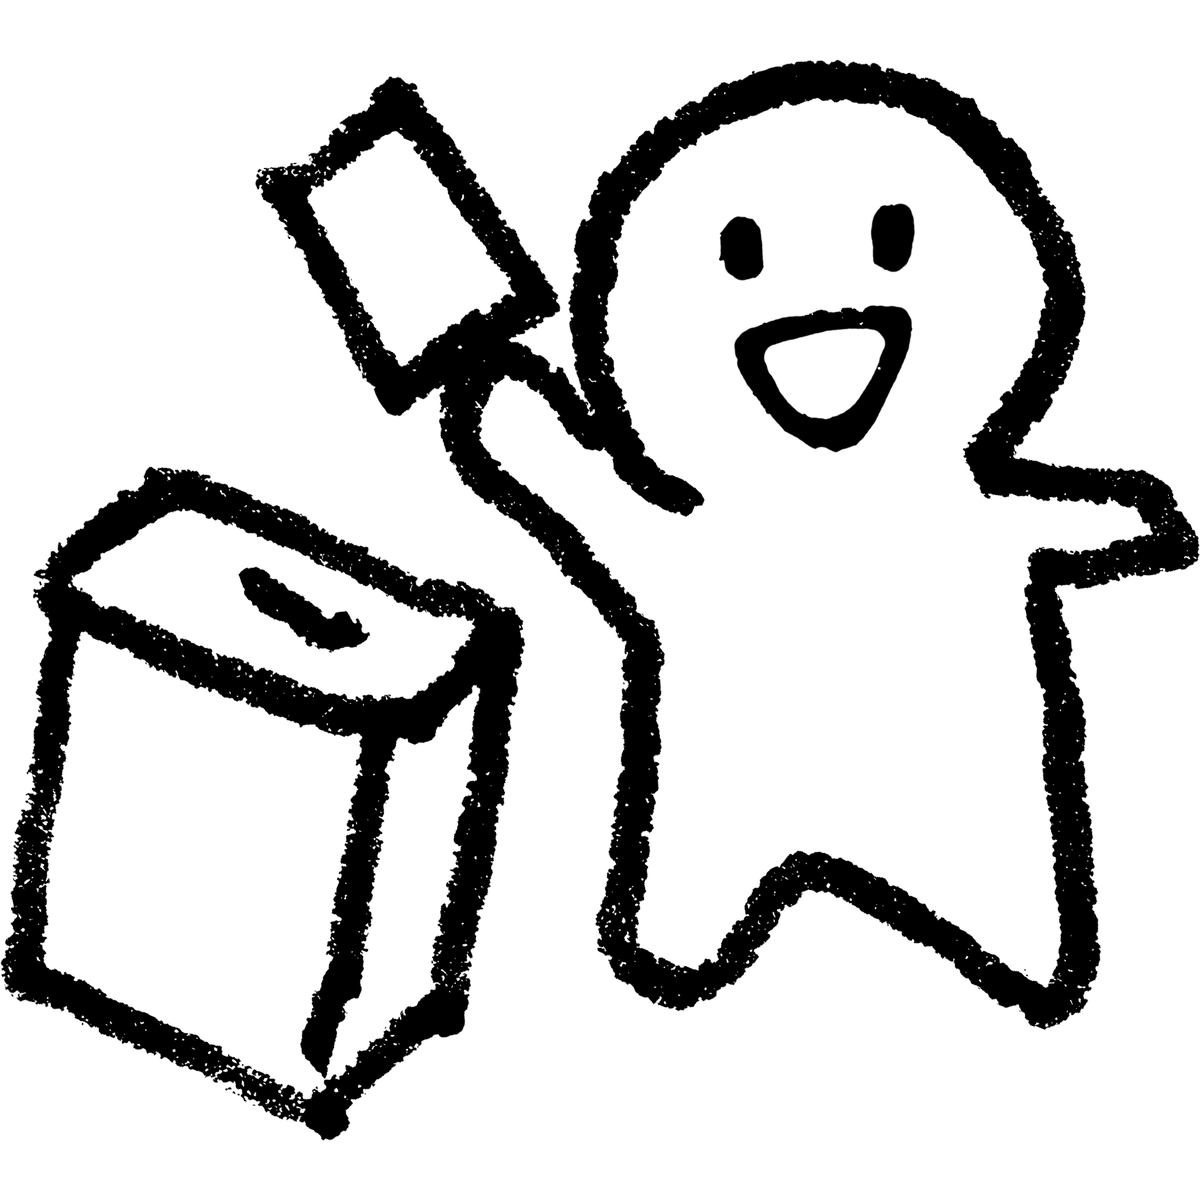 紙を箱に入れる/選挙1のイラスト election_illust